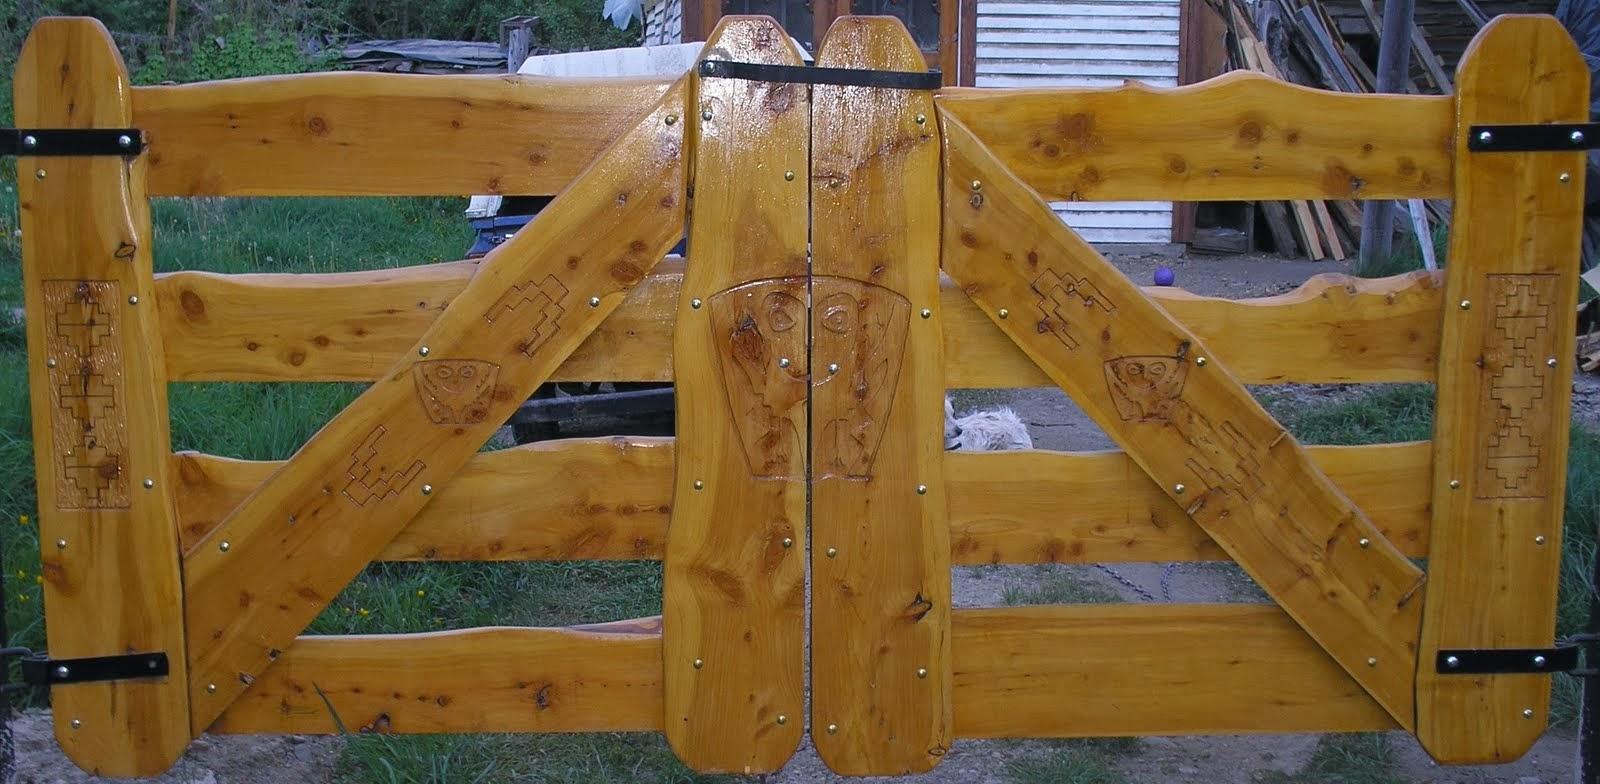 Muebles artesanales tranqueras - Muebles artesanales de madera ...